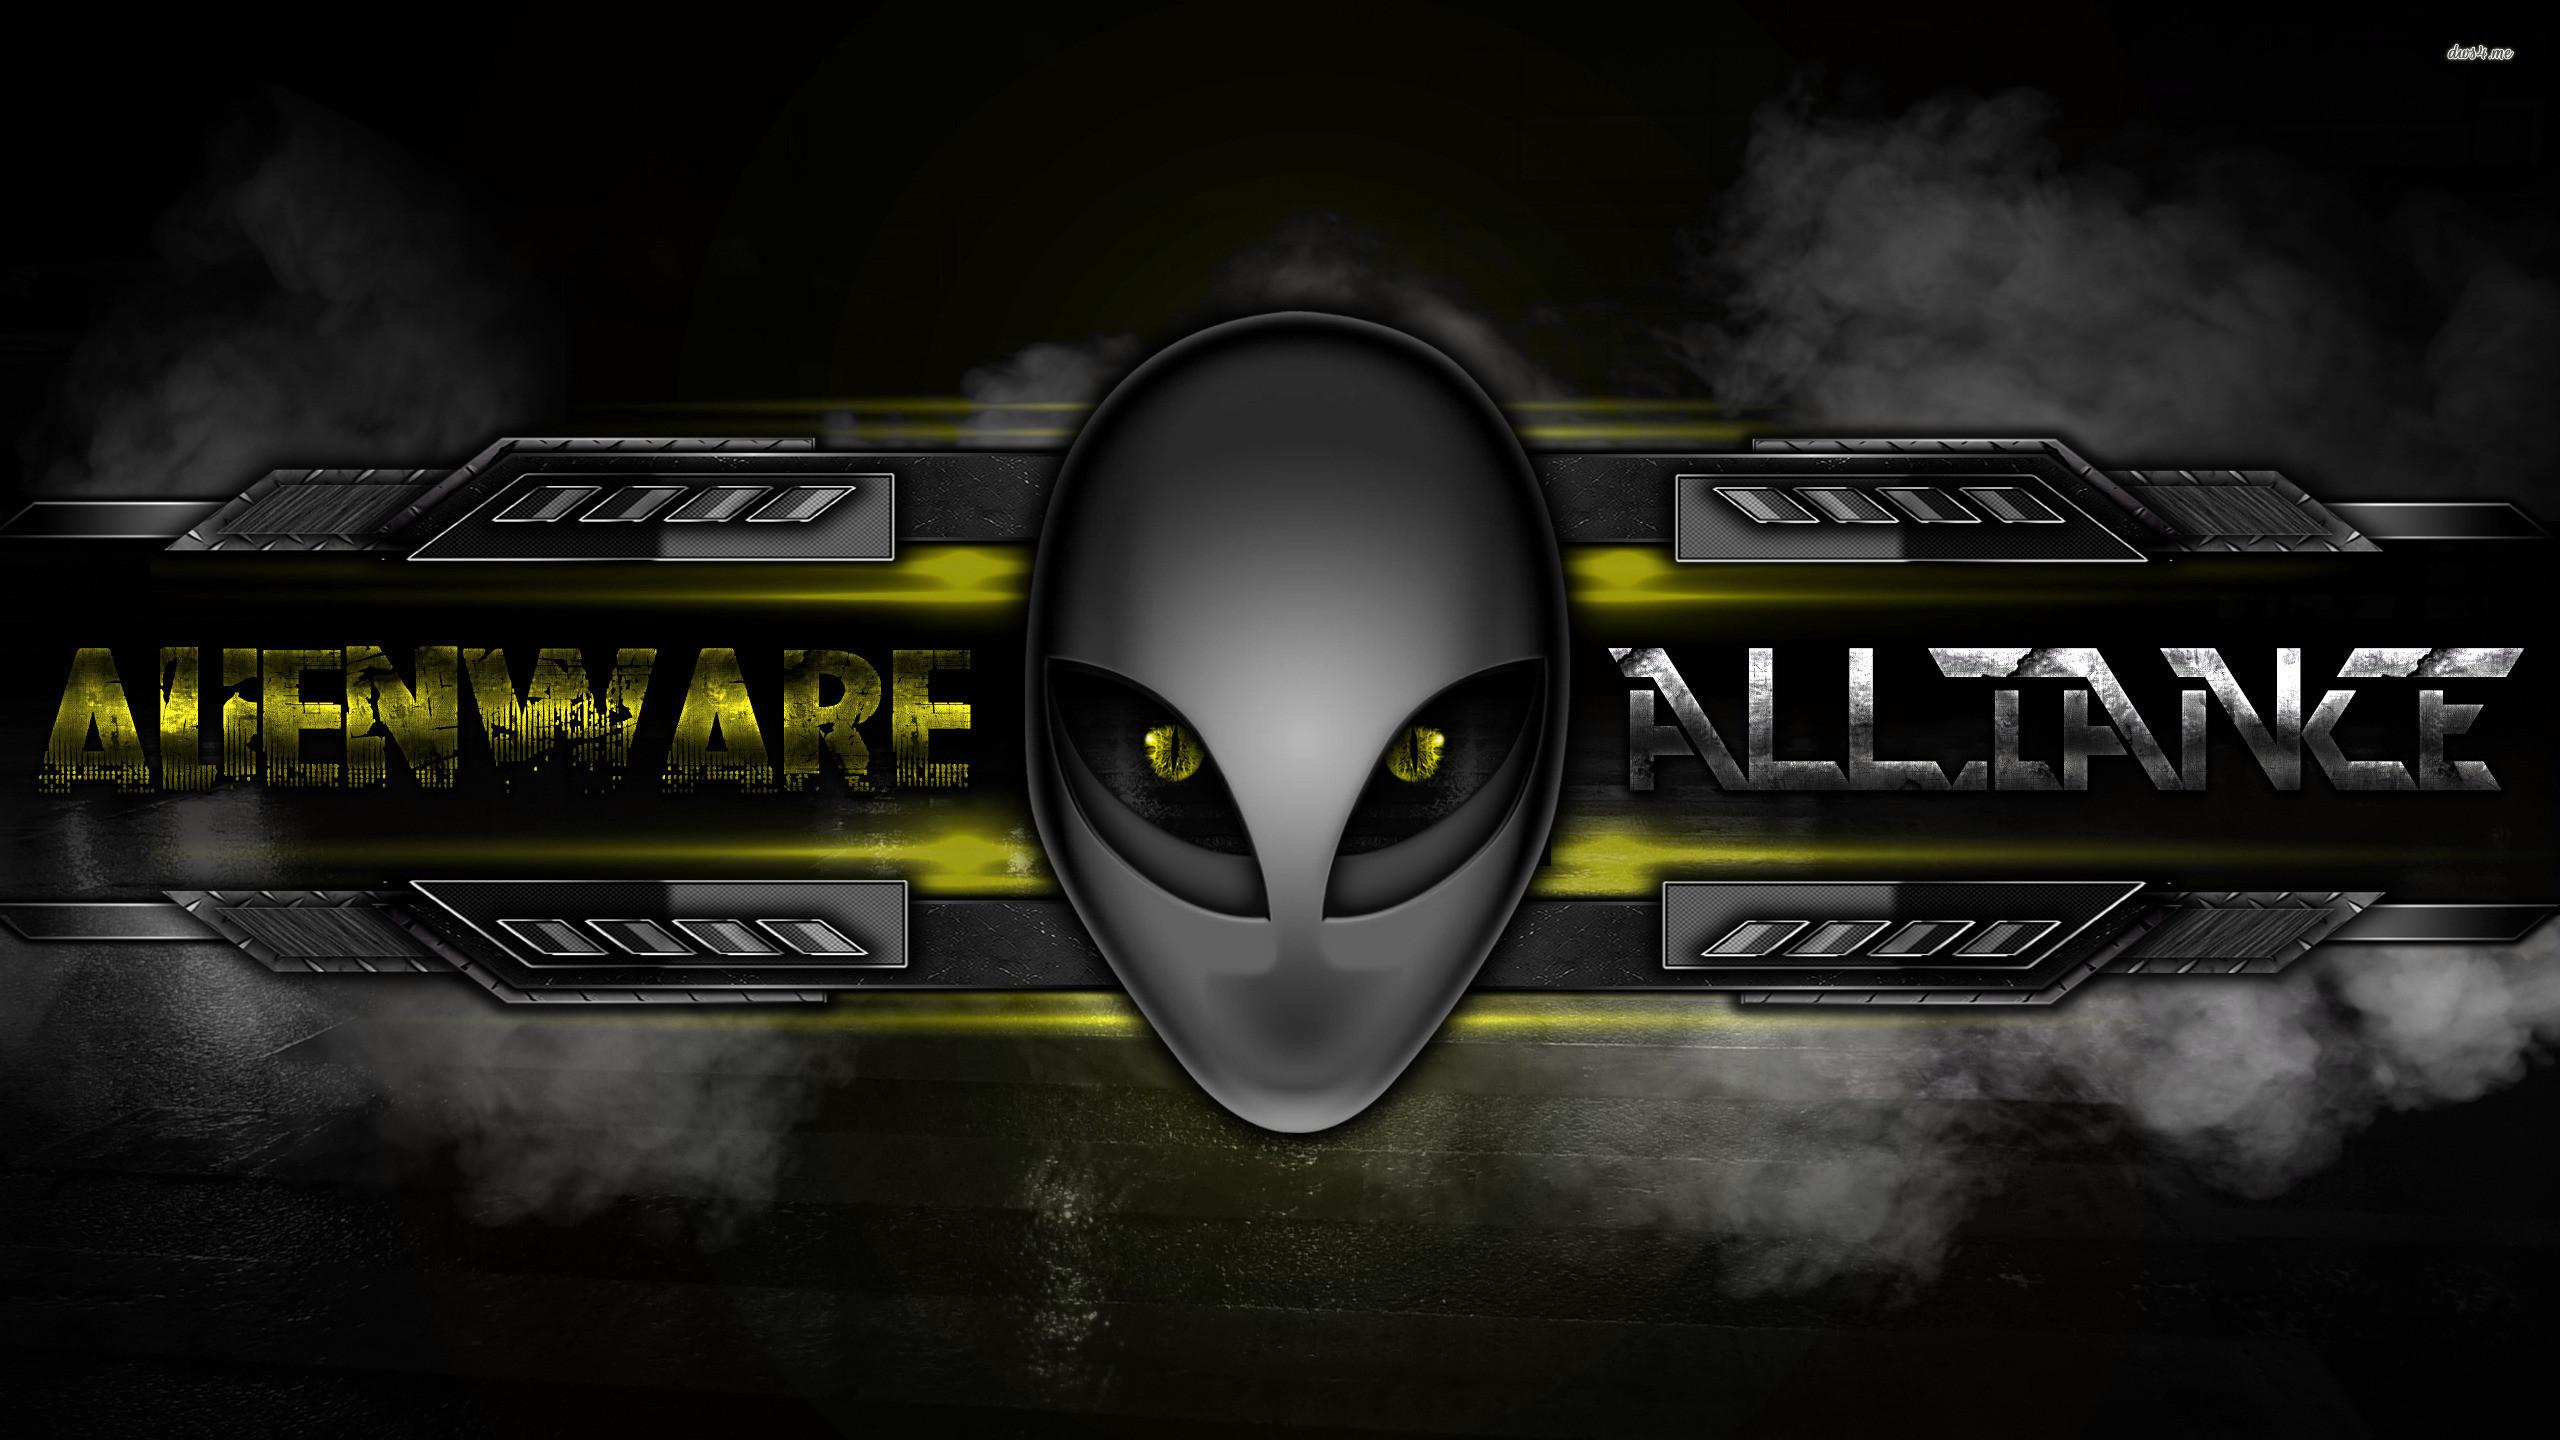 Alienware wallpaper – Computer wallpapers – #27645